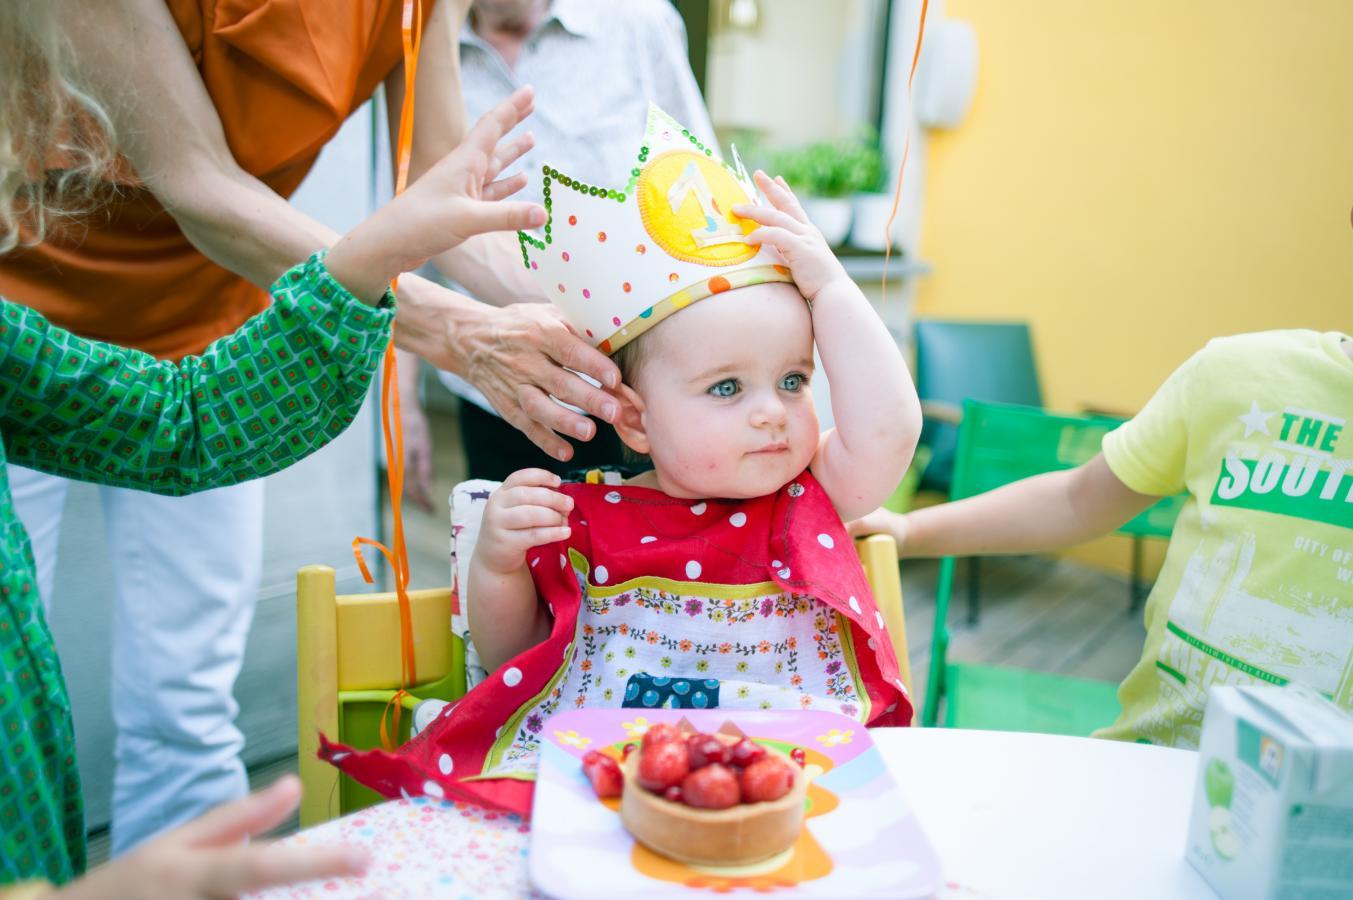 birthday-parties-are-great-antwerpen-2012